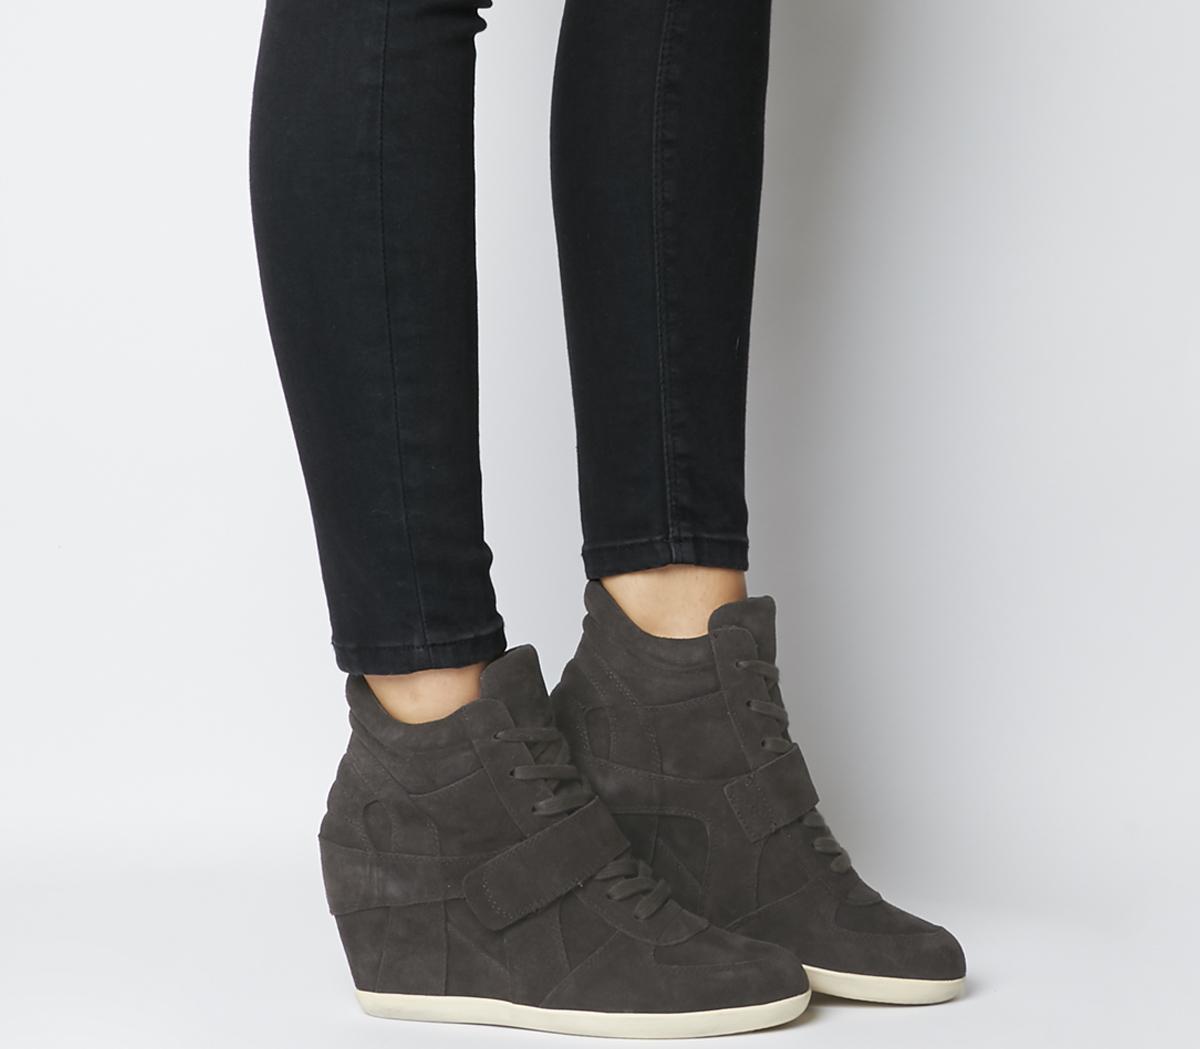 Bowie Hi Top Wedge Sneakers